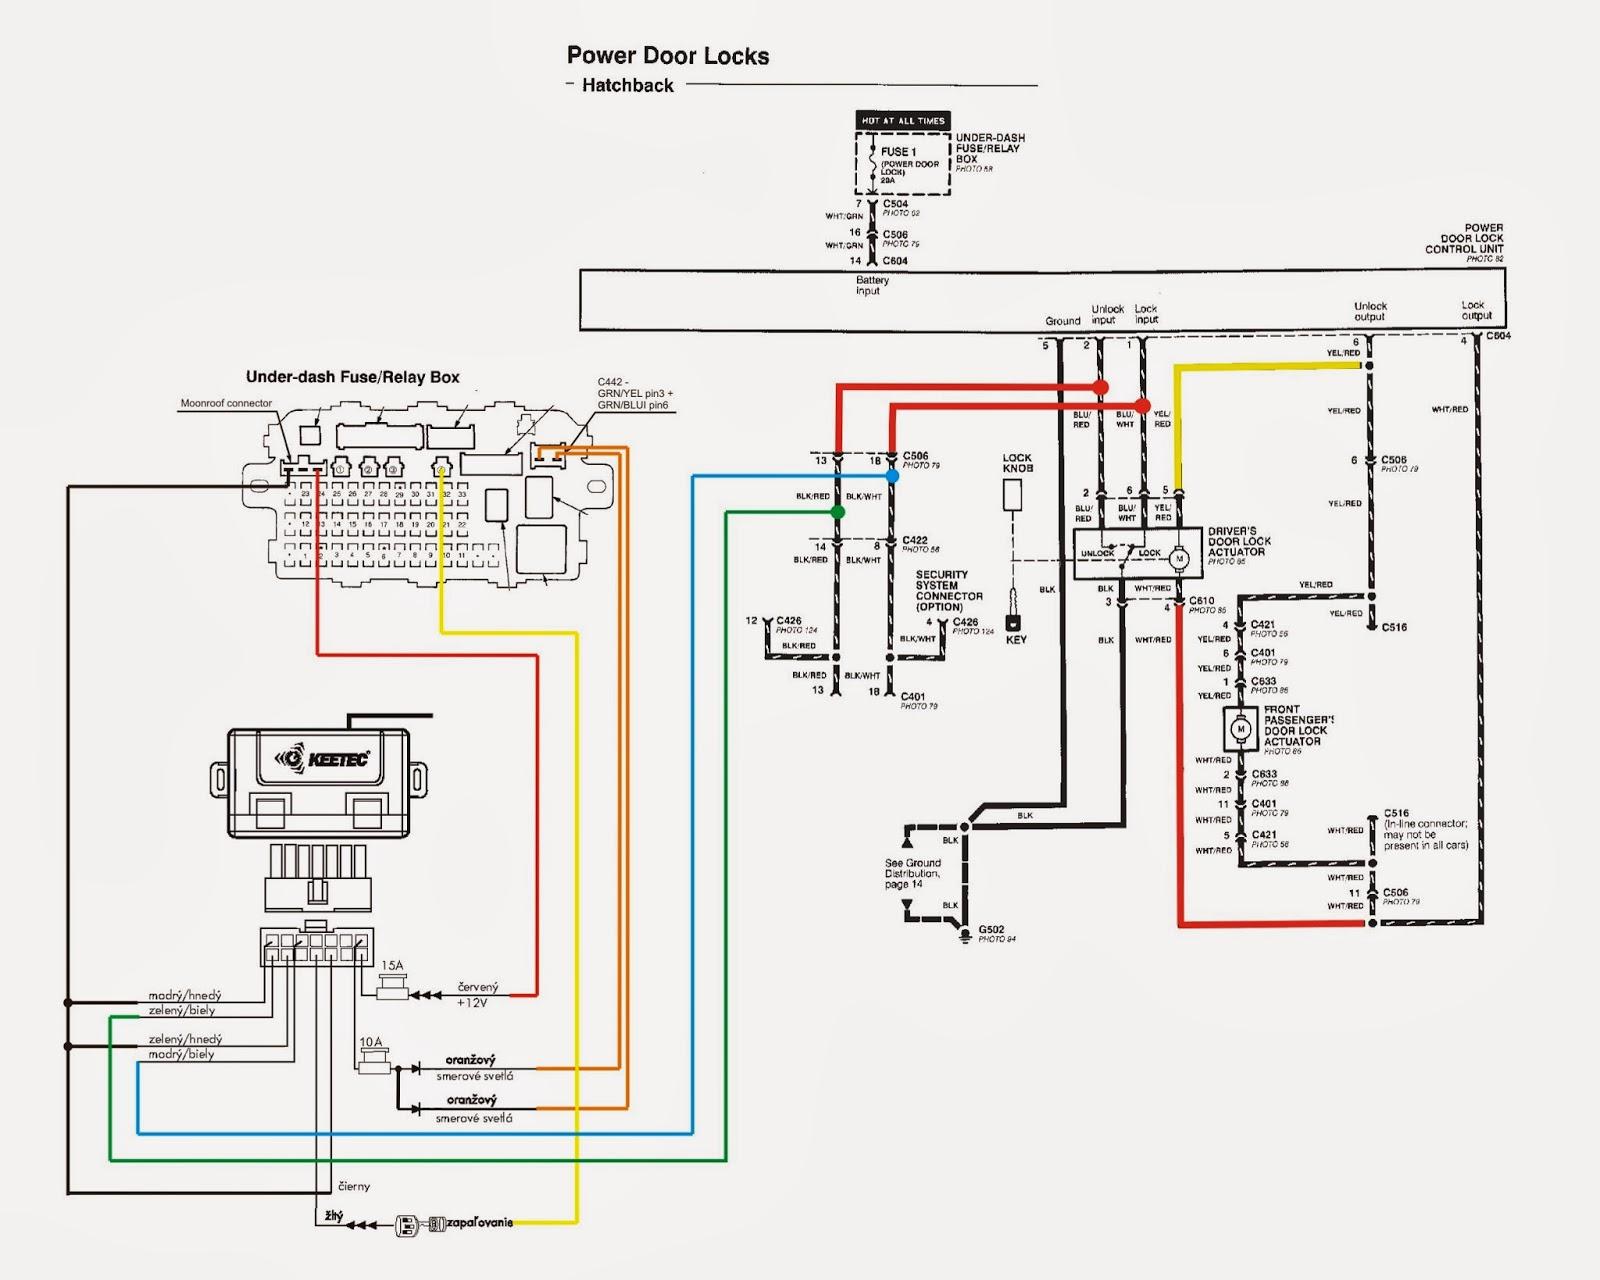 B18b1 Diagram Wiring Harness Integra Power Lock 1600x1280